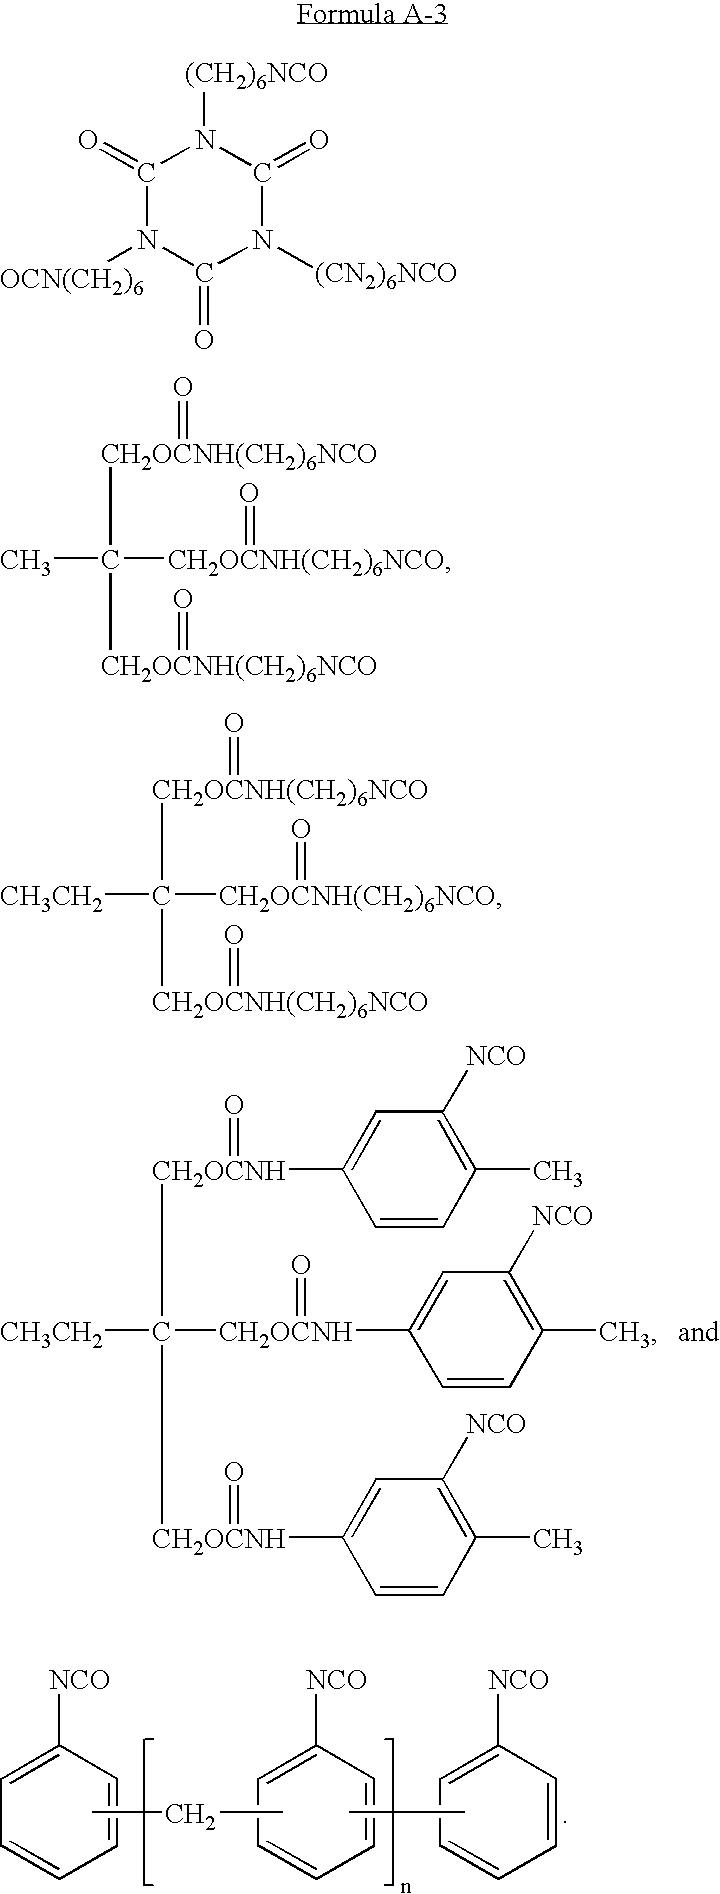 Figure US20080043337A1-20080221-C00003